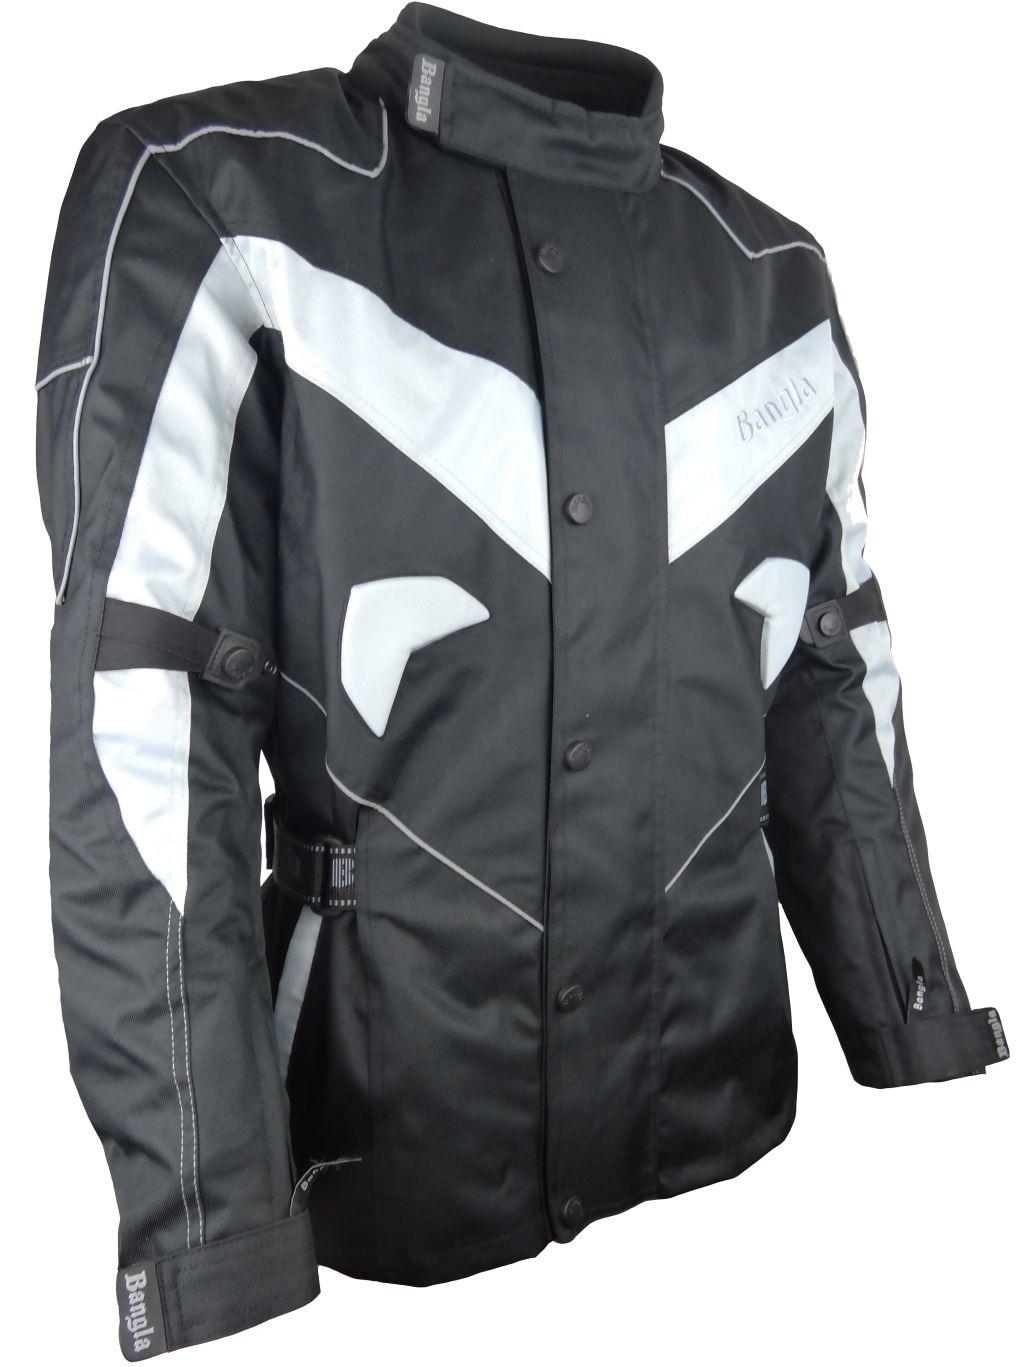 Bangla Motorrad Jacke Motorradjacke Cordura Winter Fleeceinnenfutter S - 6 XL